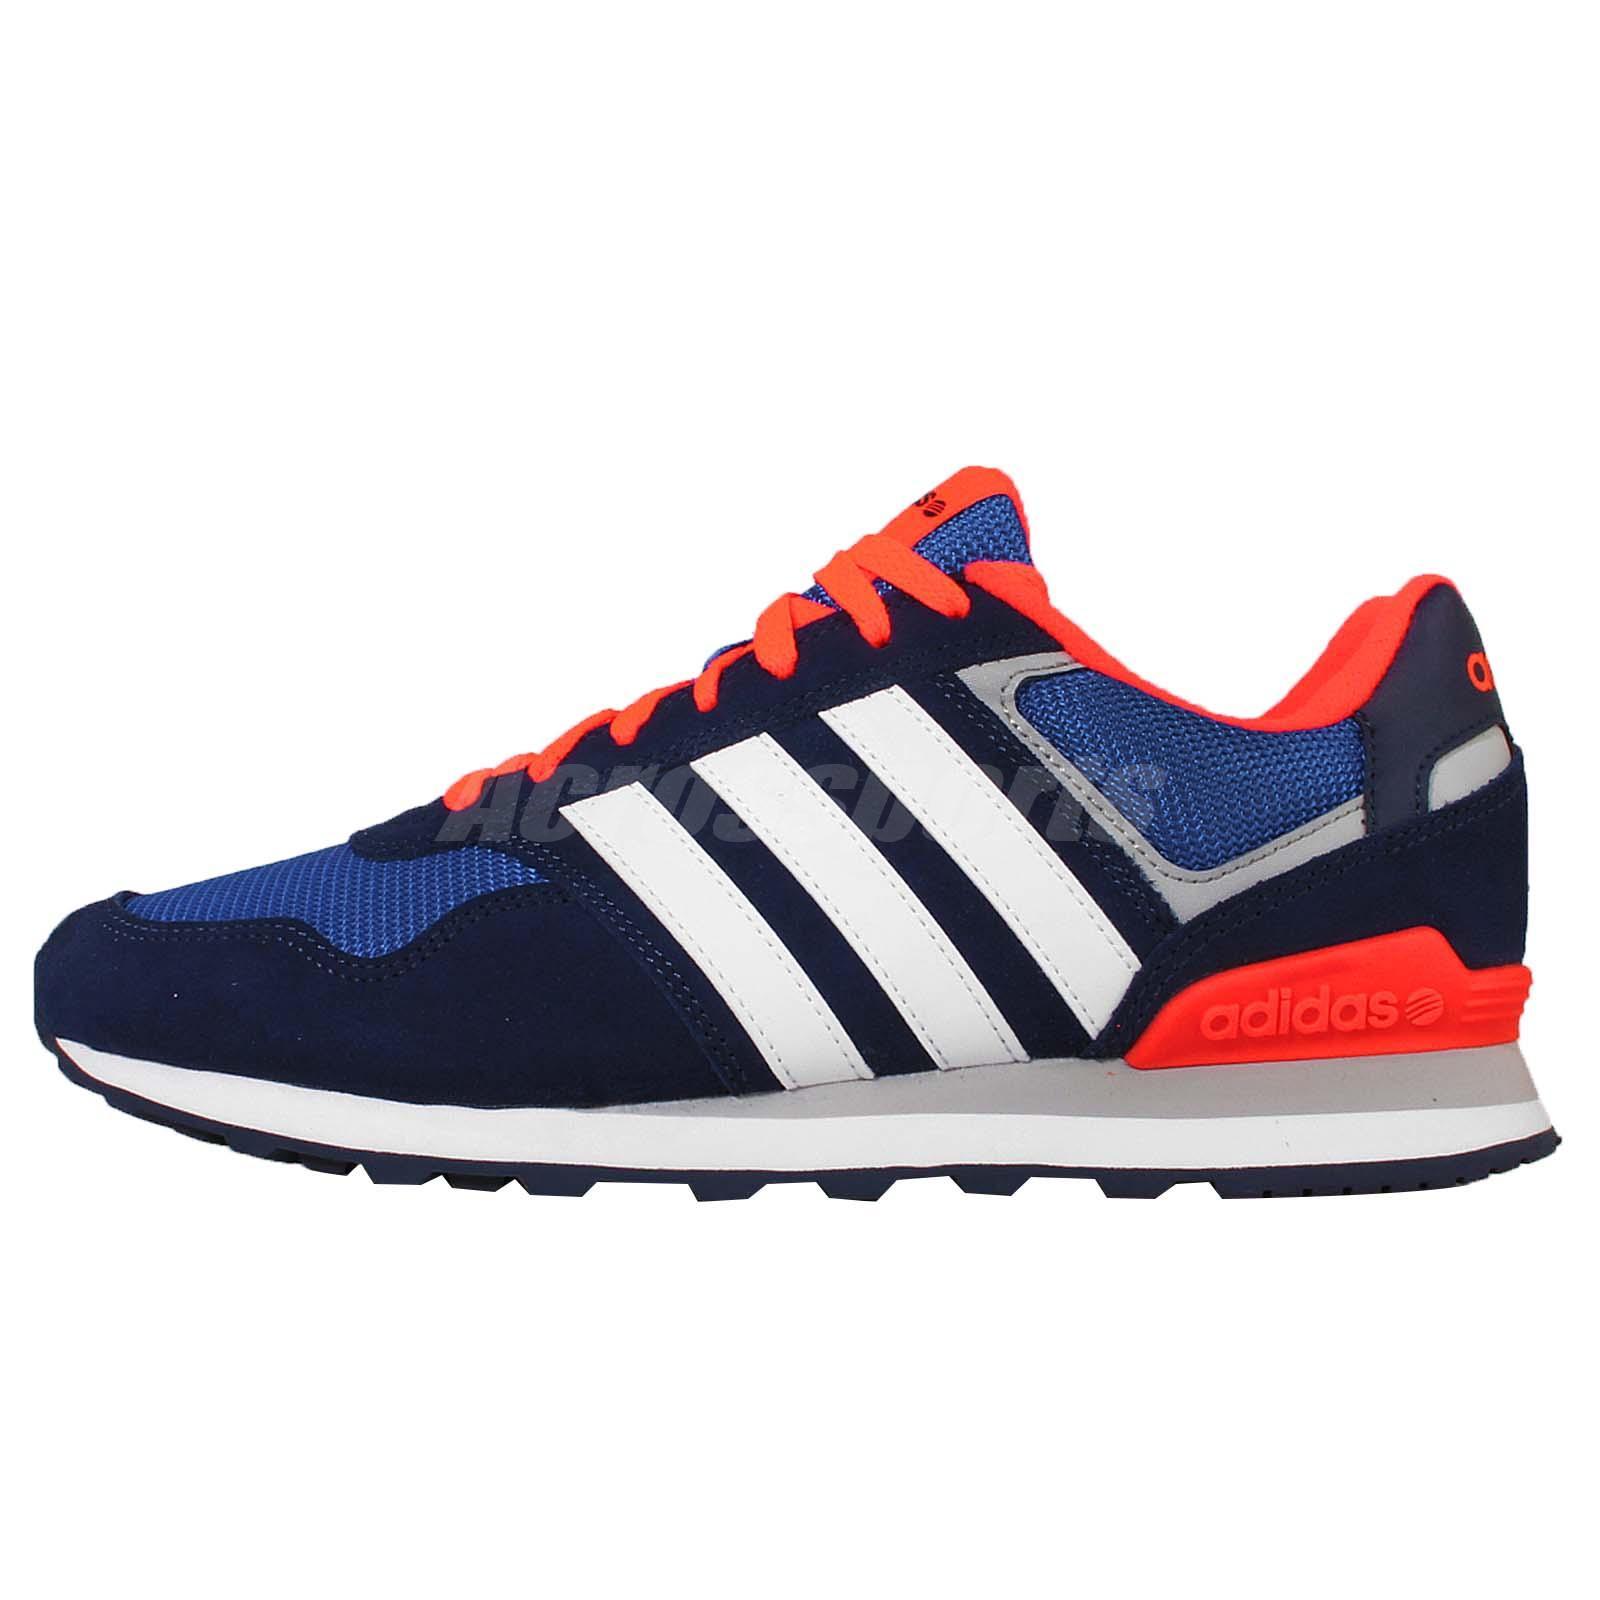 adidas neo label 10k blue orange suede mens running shoes. Black Bedroom Furniture Sets. Home Design Ideas